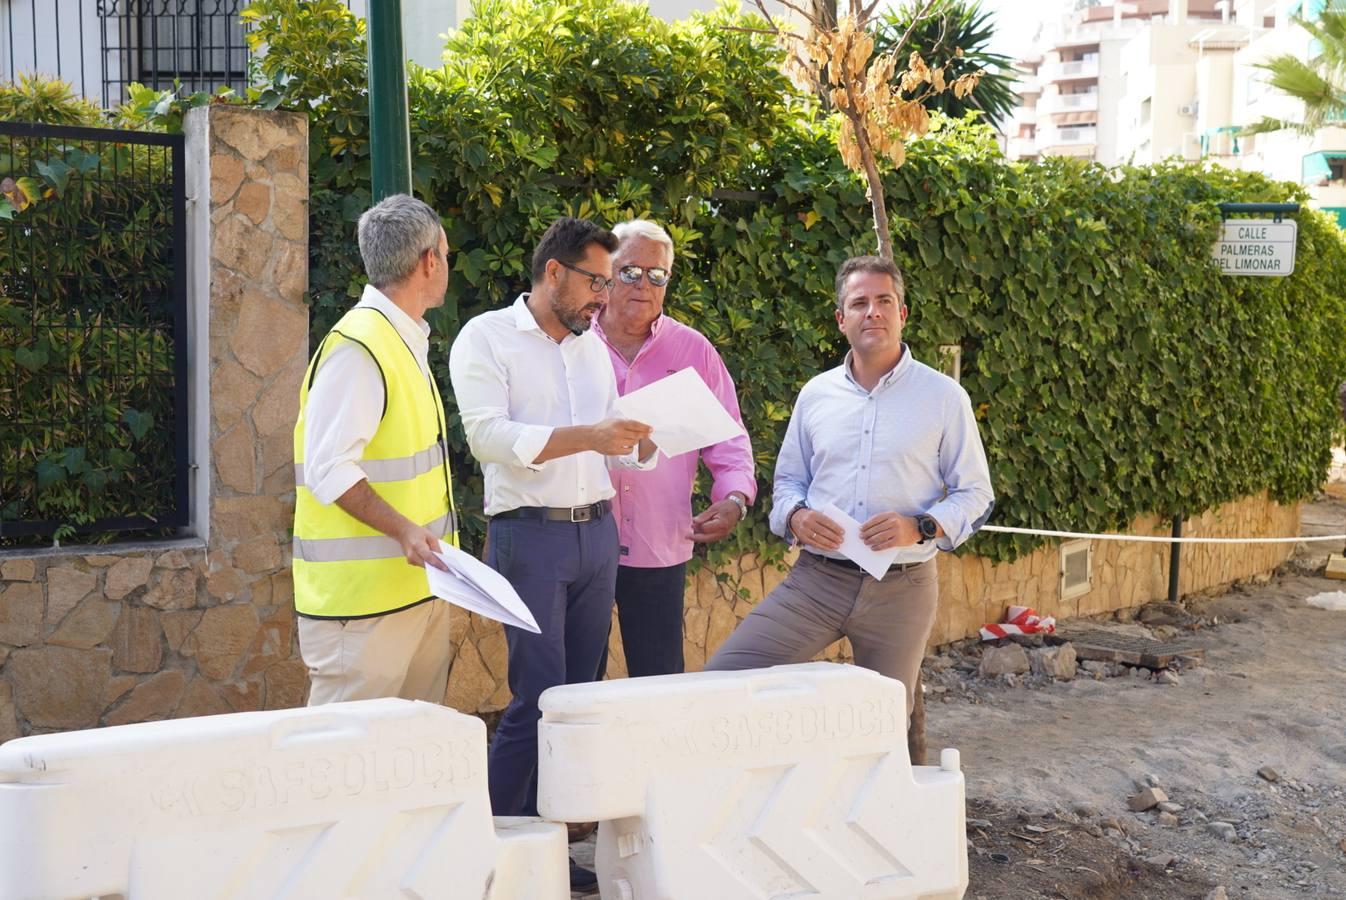 Pomares no se plantea dimitir por el caso de las acusaciones de los exjefes de Urbanismo